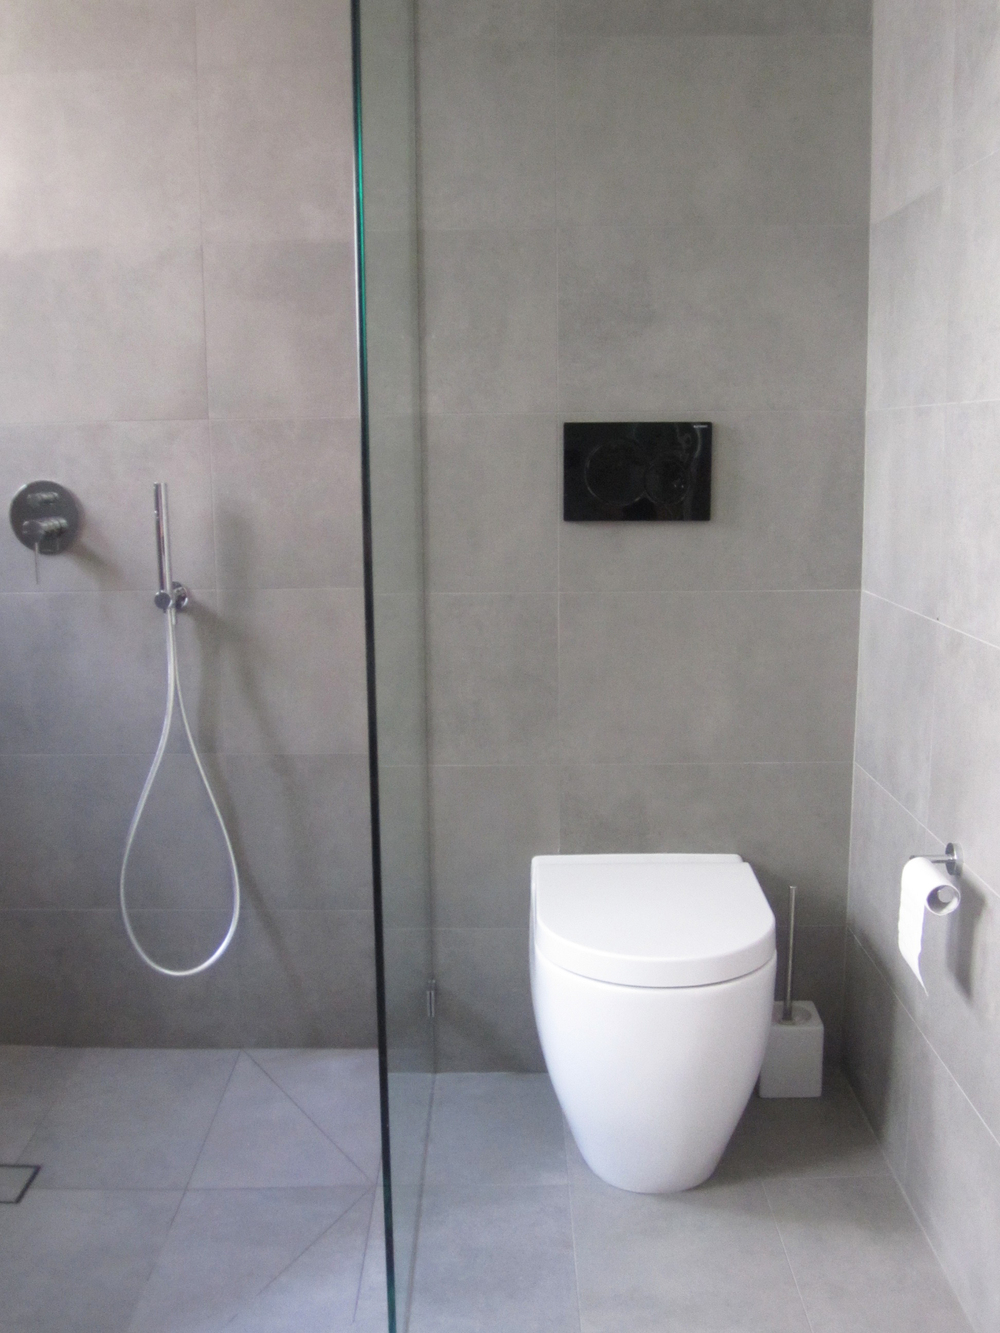 showerwc.jpg